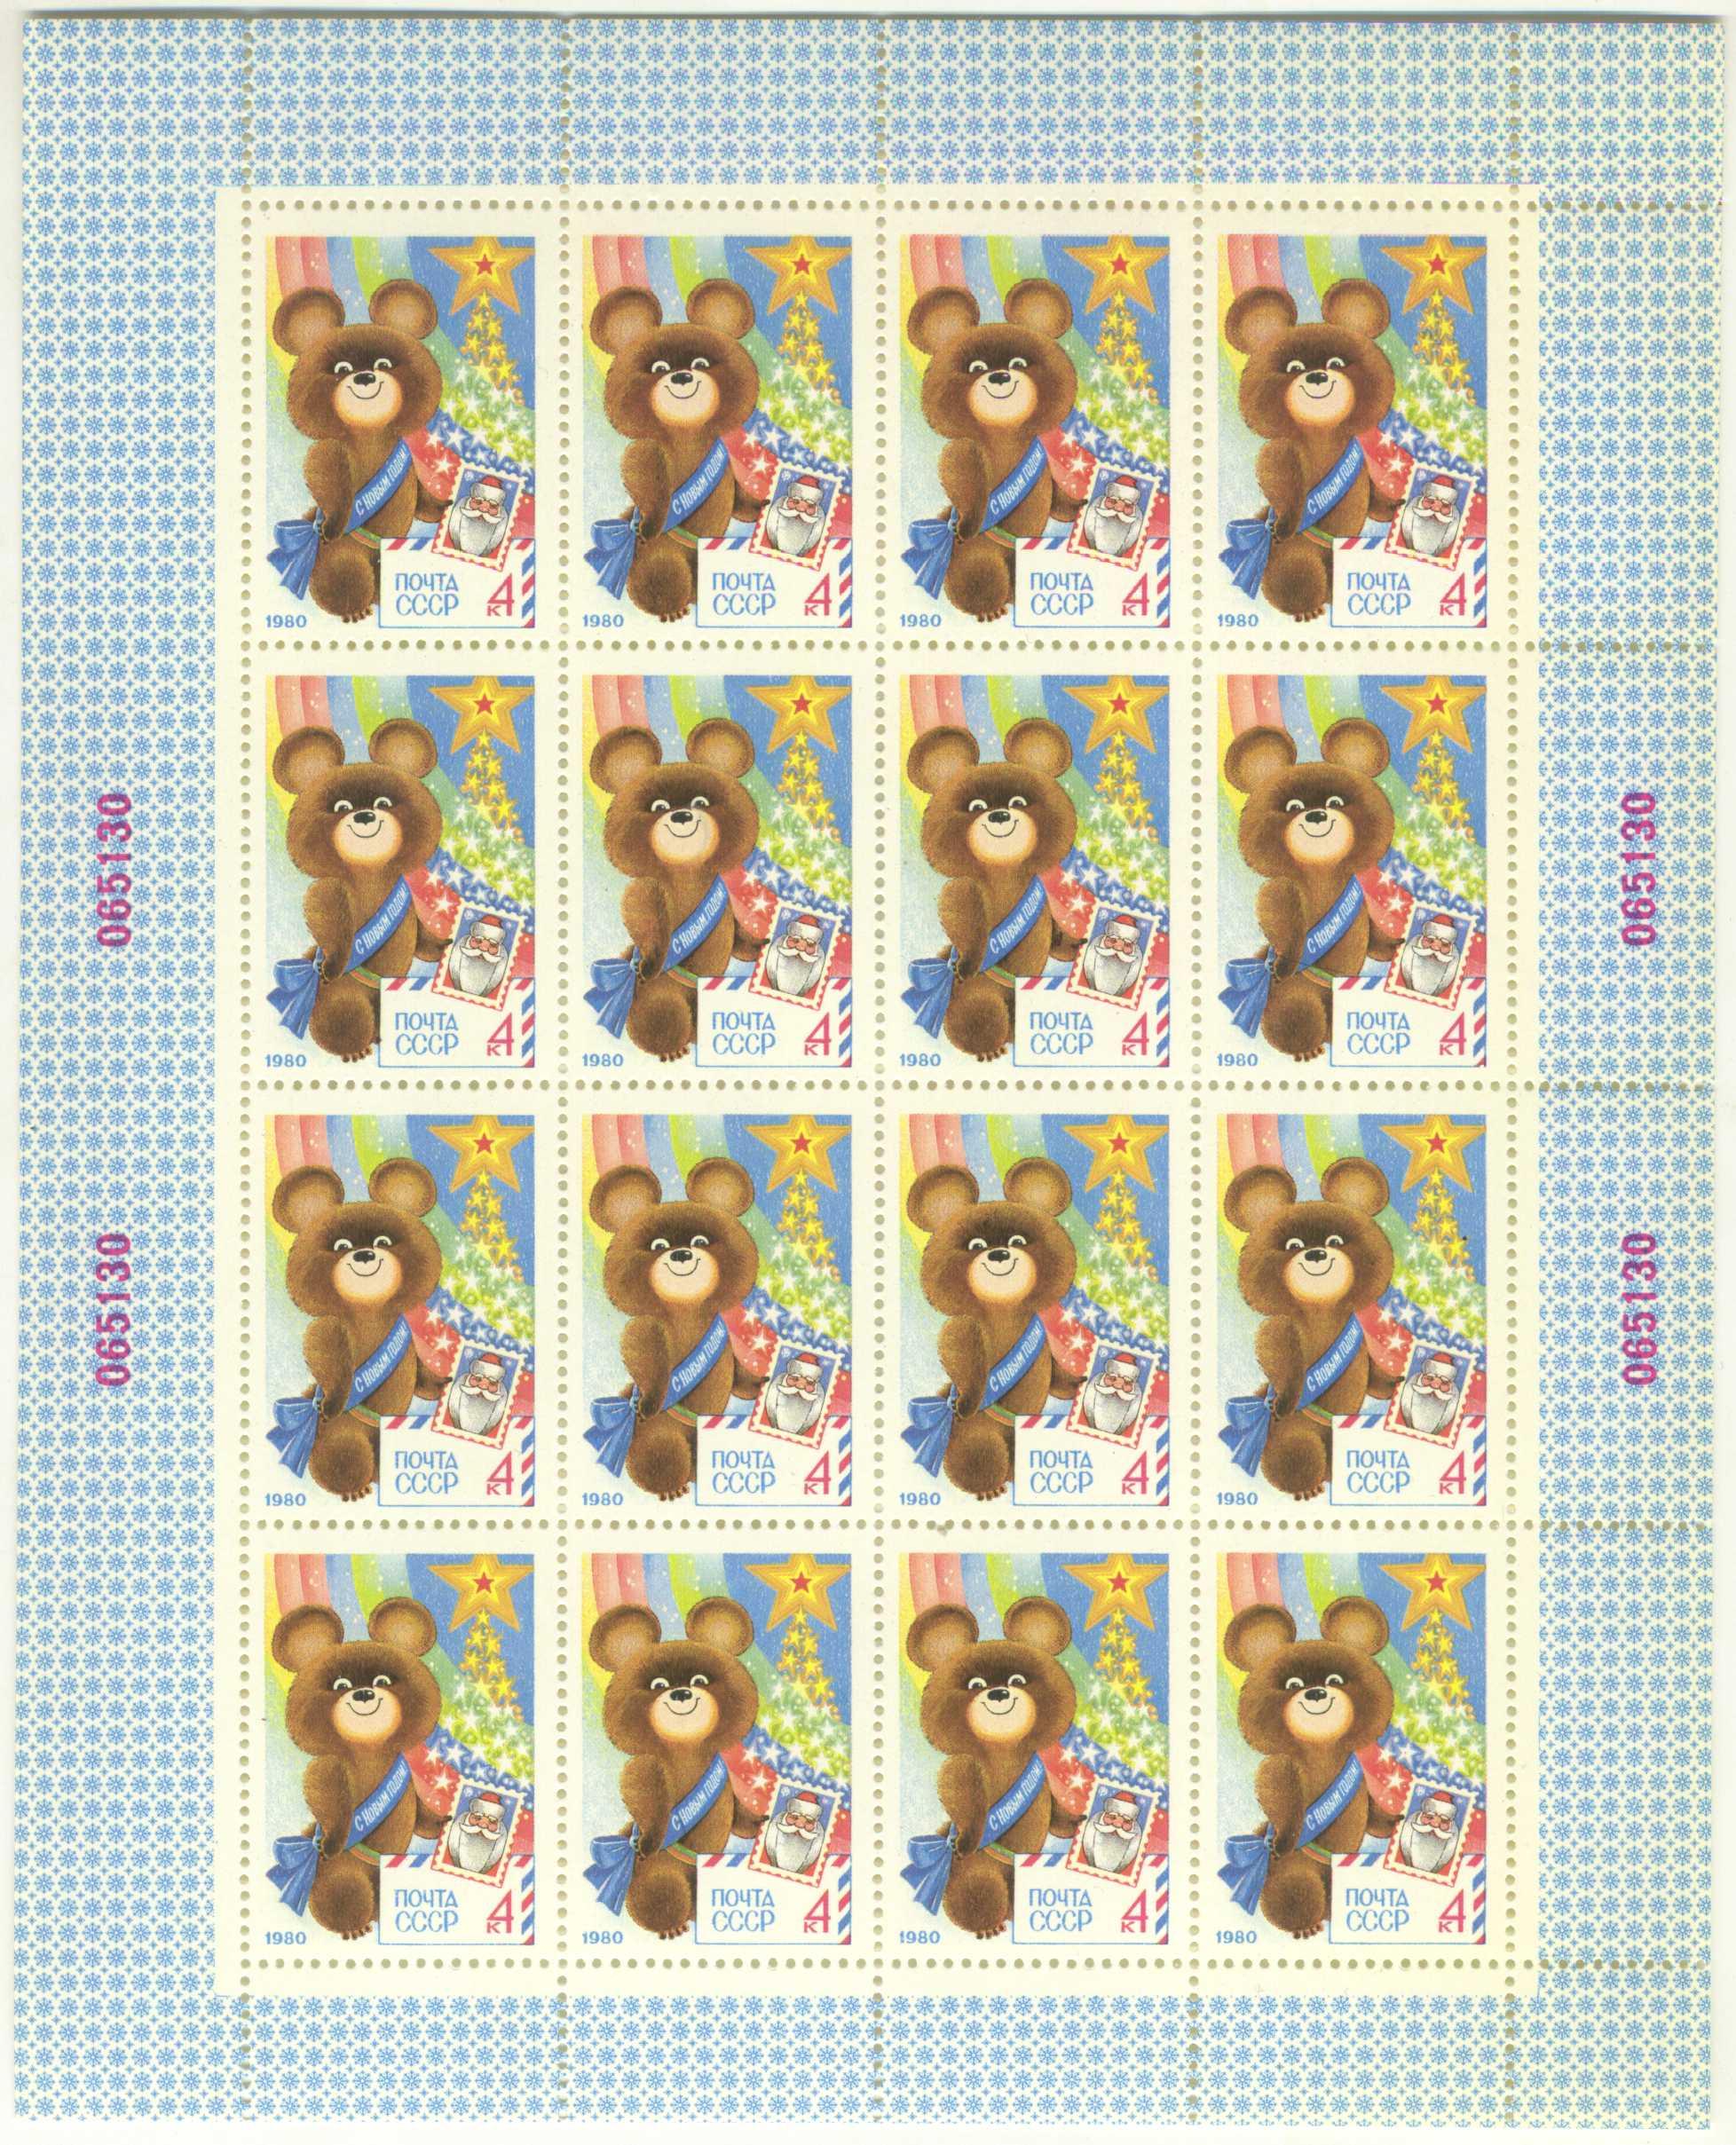 Марки ссср стоимость каталог цены олимпиада 80 монета 1 рубль 2003 года стоимость